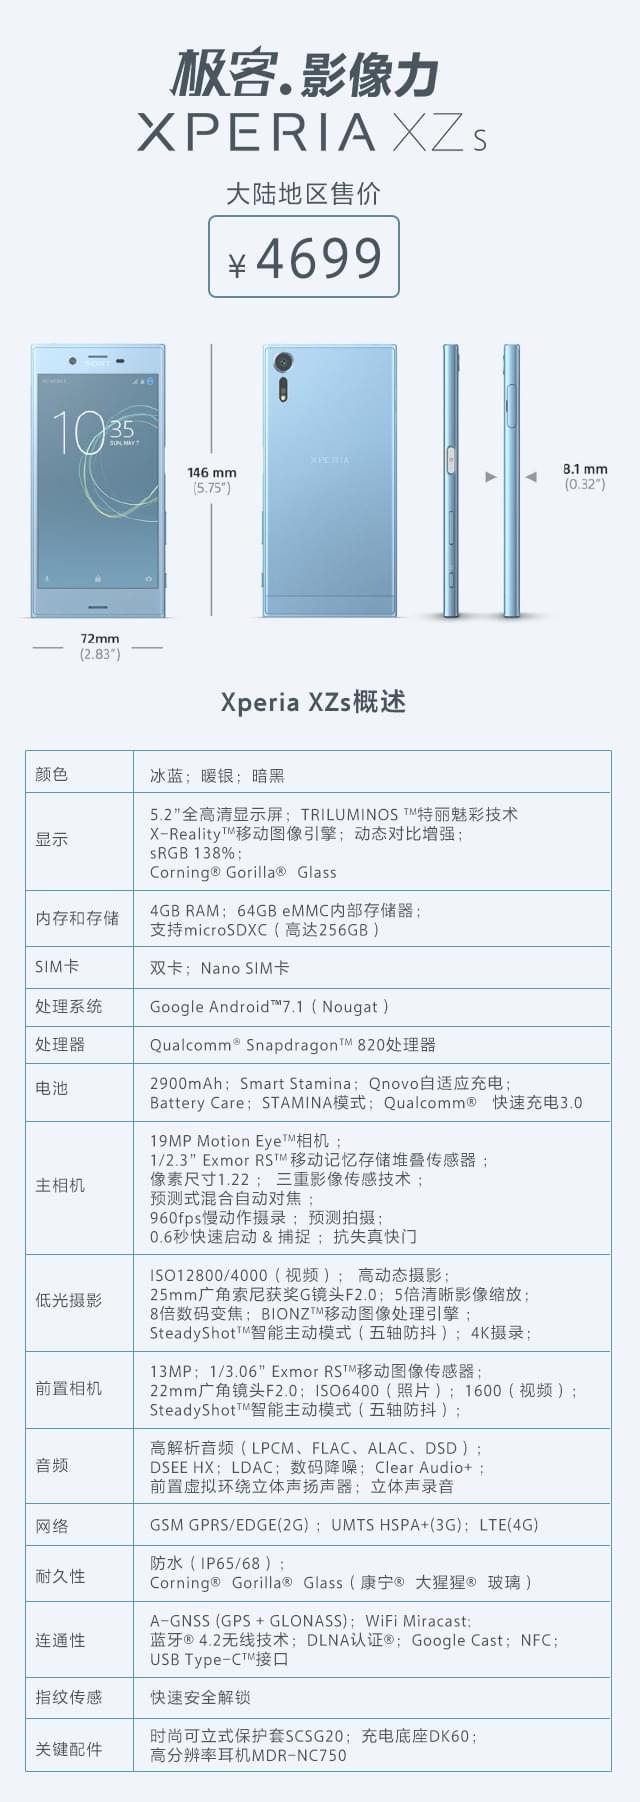 索尼Xperia XZs国行版发布:售价4699元 四月上市的照片 - 2